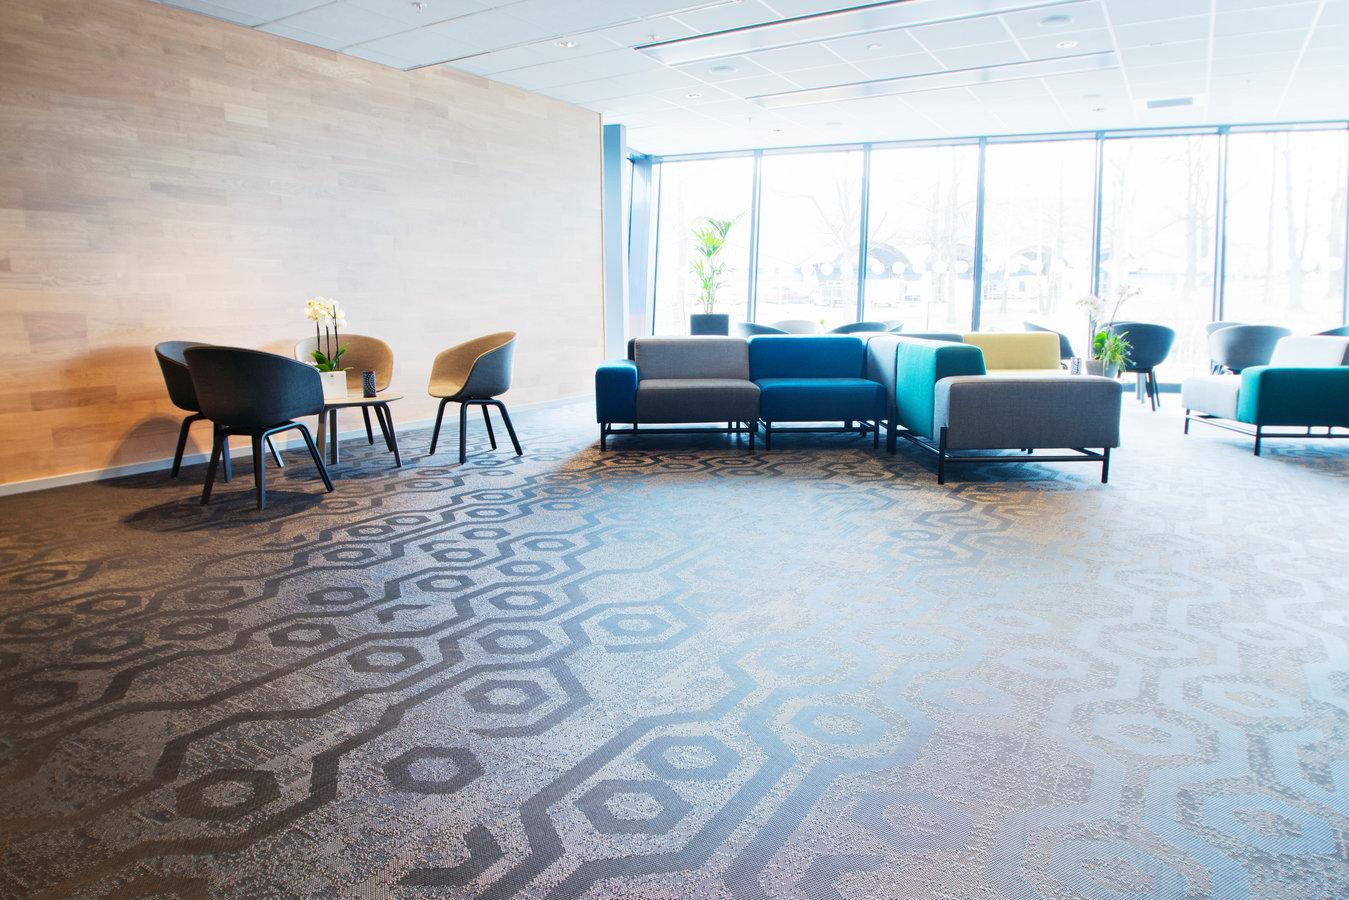 Woven vinyl flooring lót sàn nhà hiện đại. Hotline: 0903127148 (Zalo/Viber)